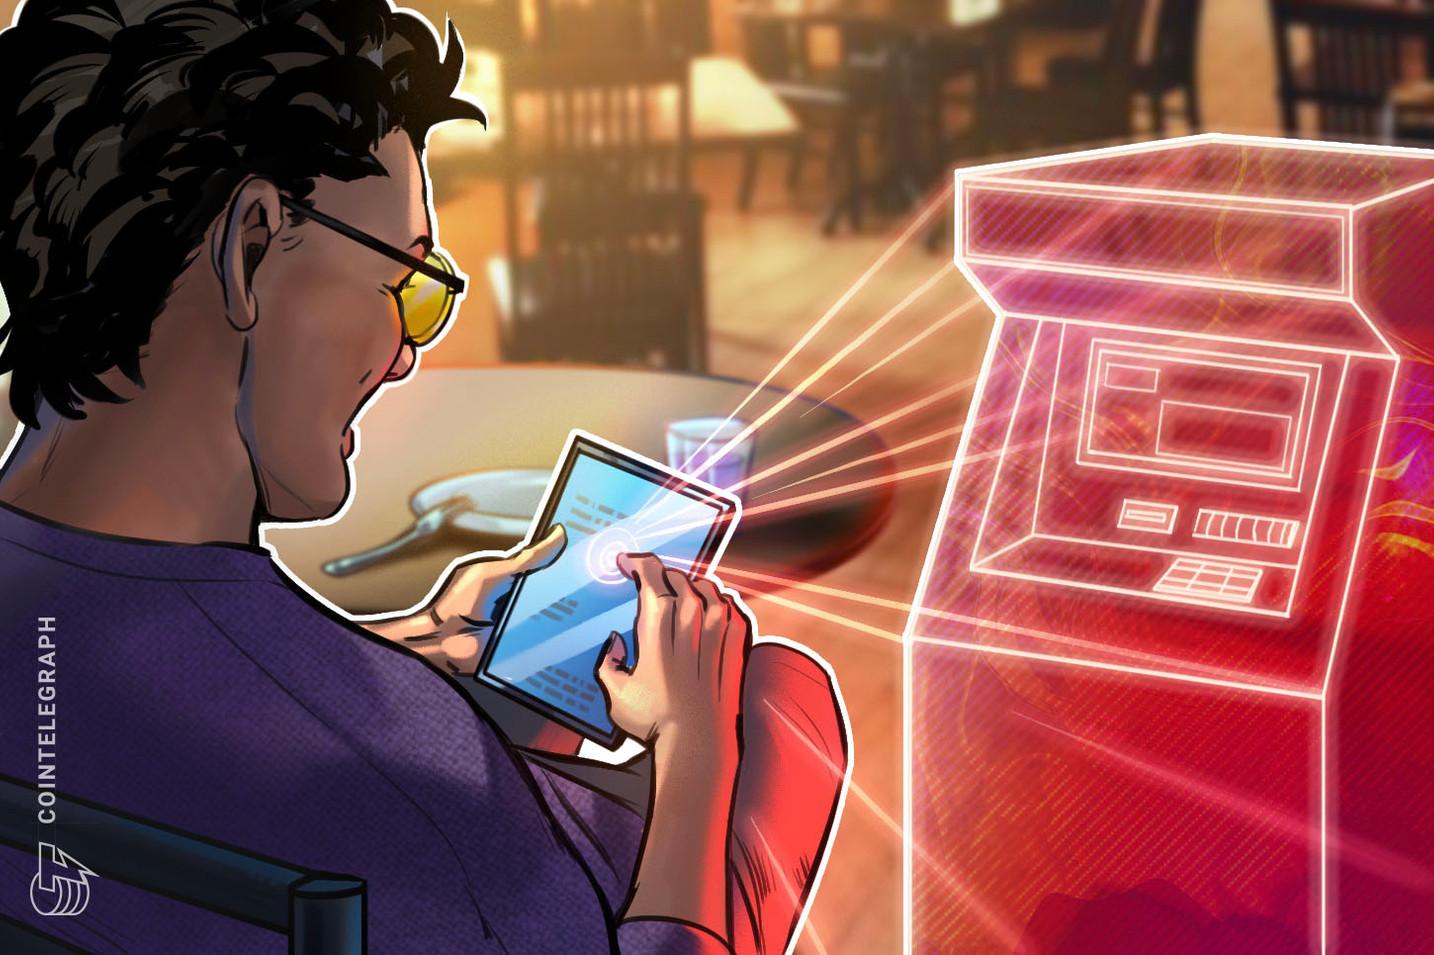 Großer saudischer Geldautomaten-Dienstleister arbeitet mit Blockchain-Identitätsplattform zusammen